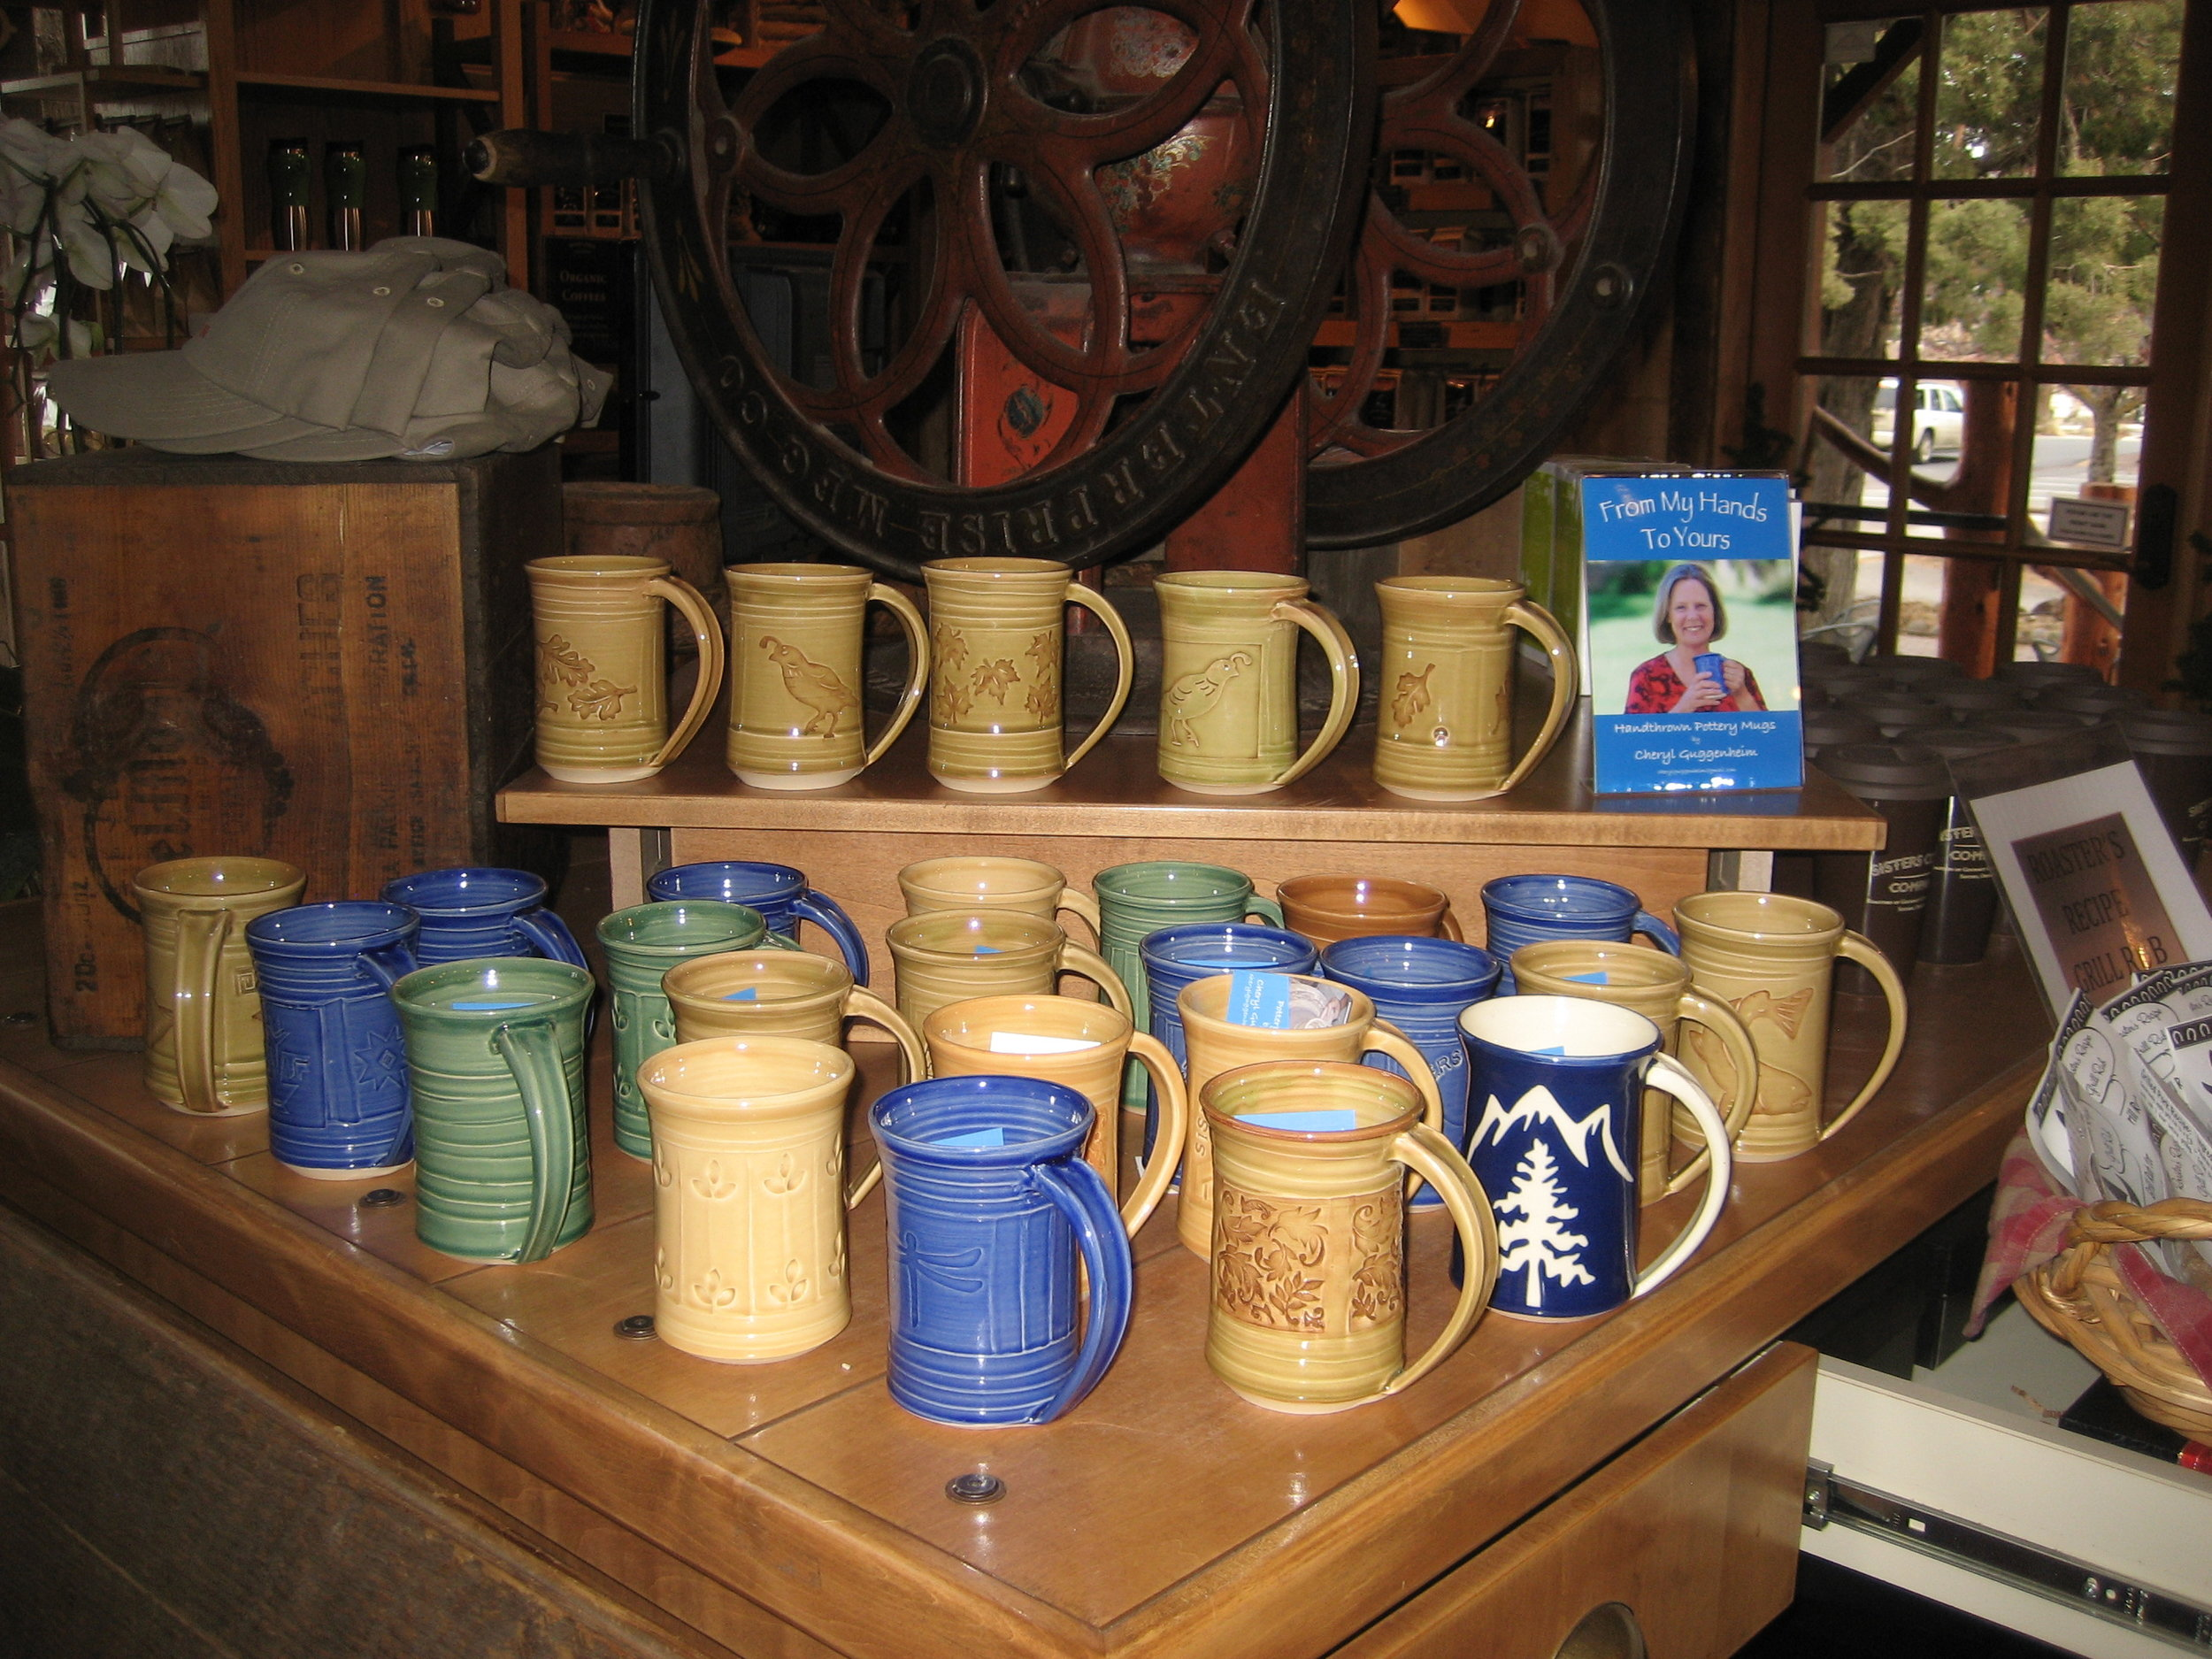 Mugs on display inside Sisters Coffee shop in Sisters, Oregon.